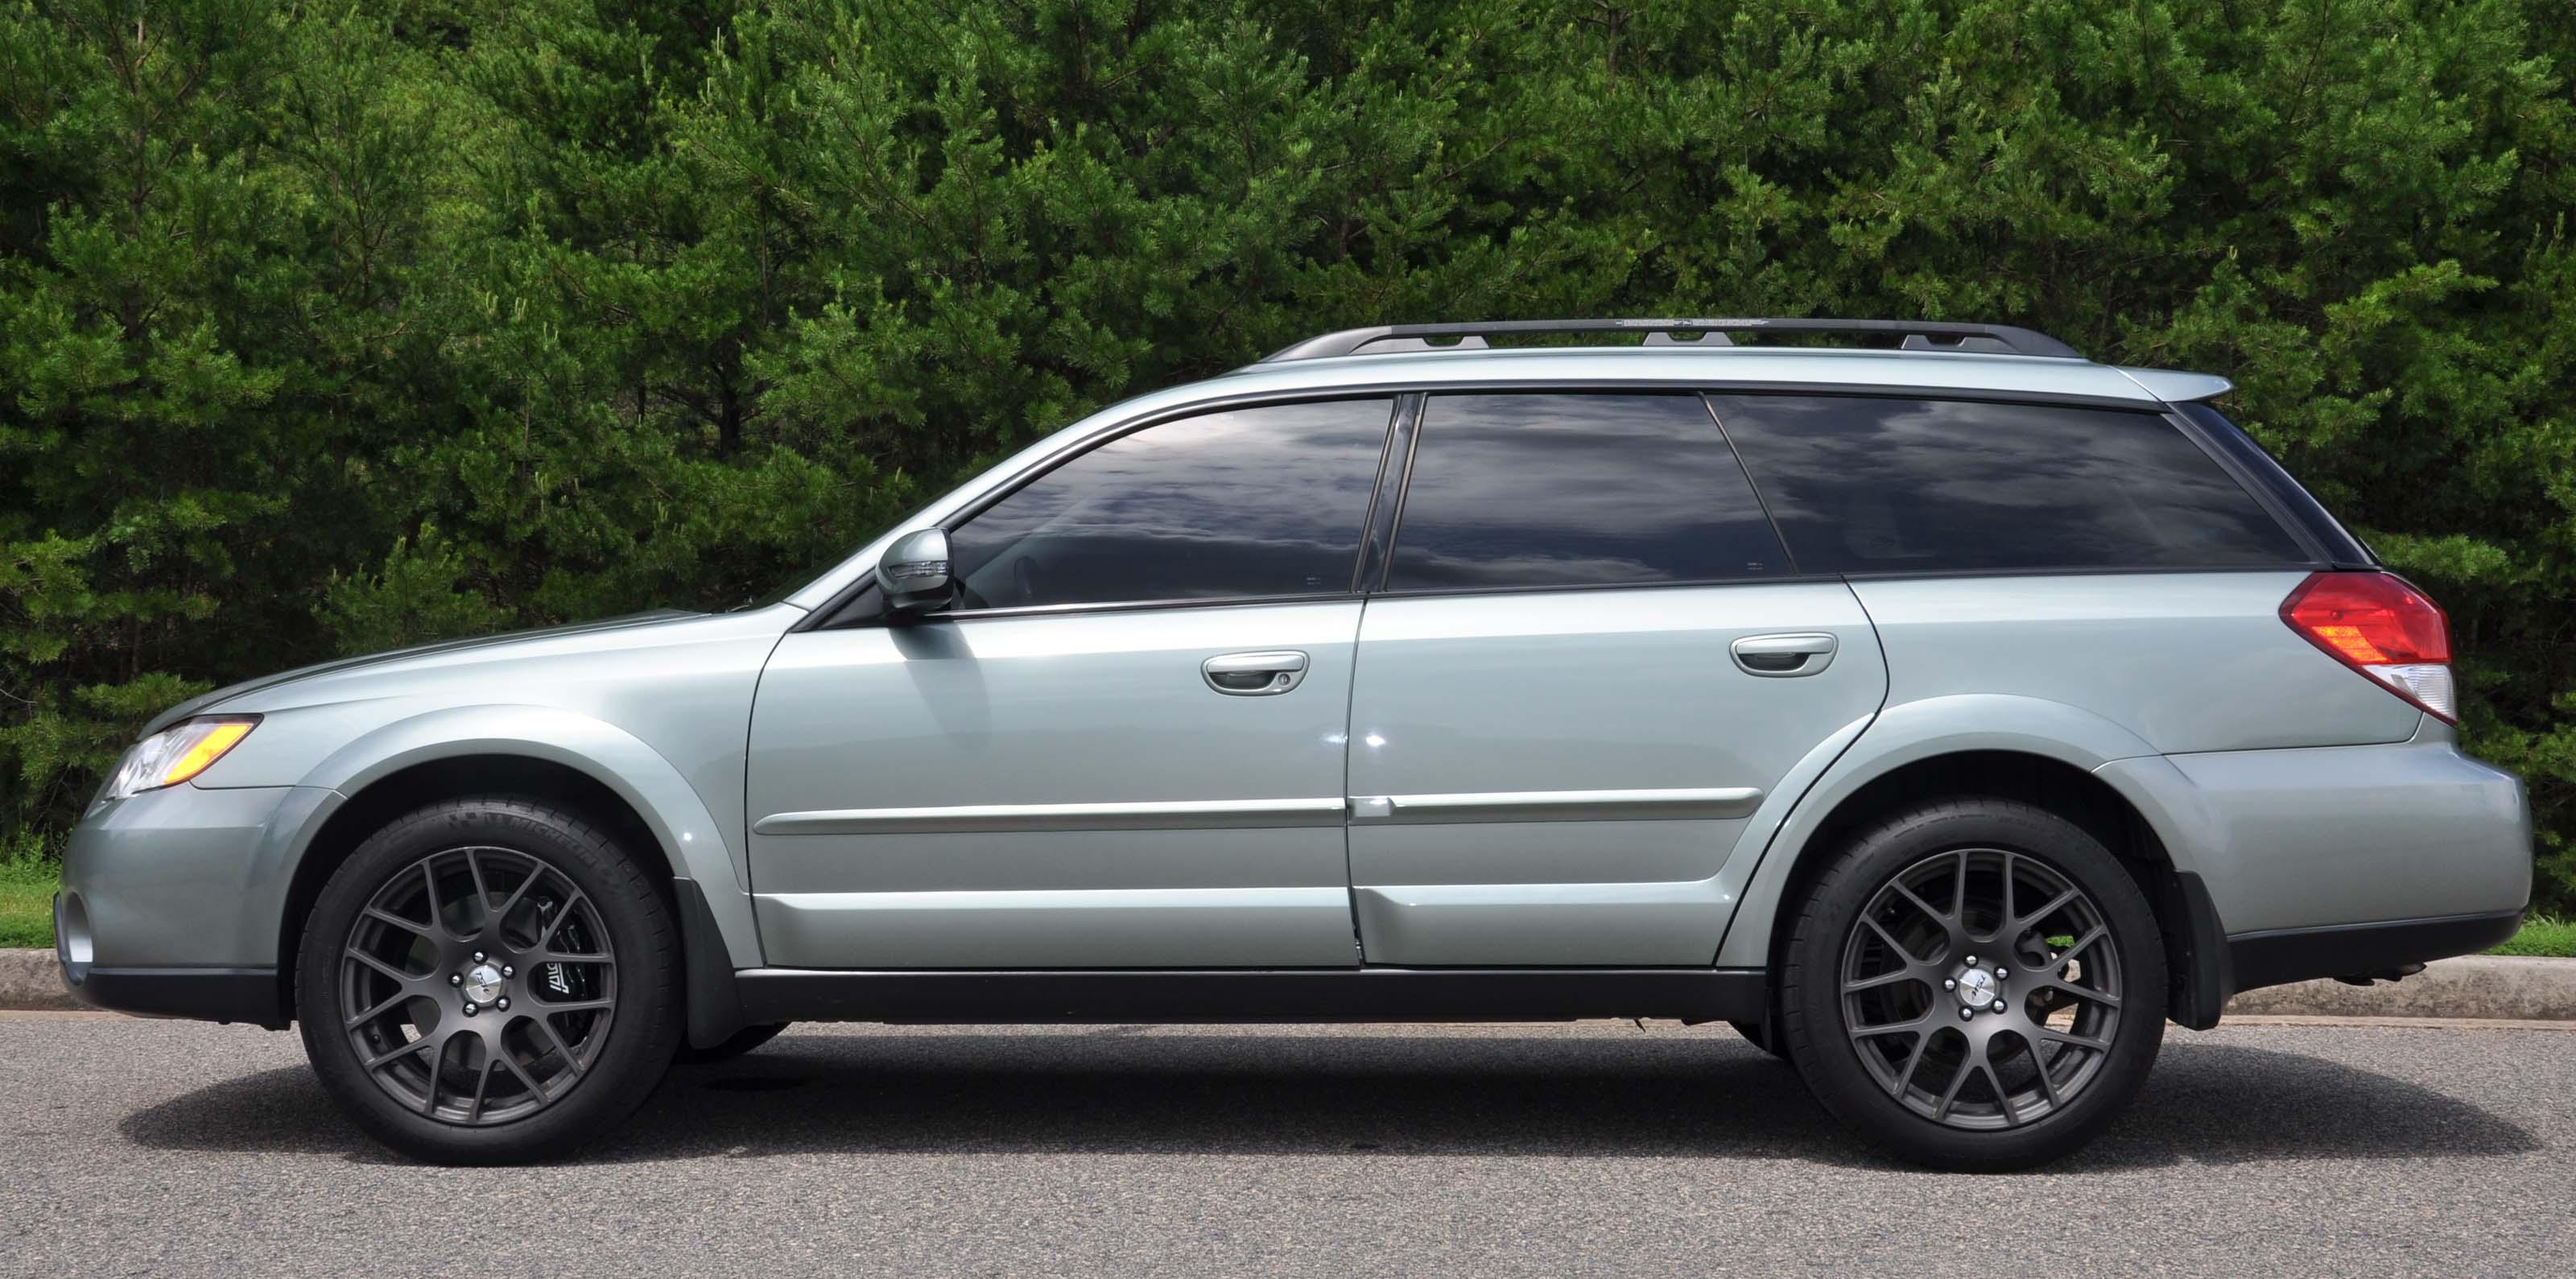 SUBARU Outback - 2006, 2007, 2008, 2009 - autoevolution |2009 Subaru Outback